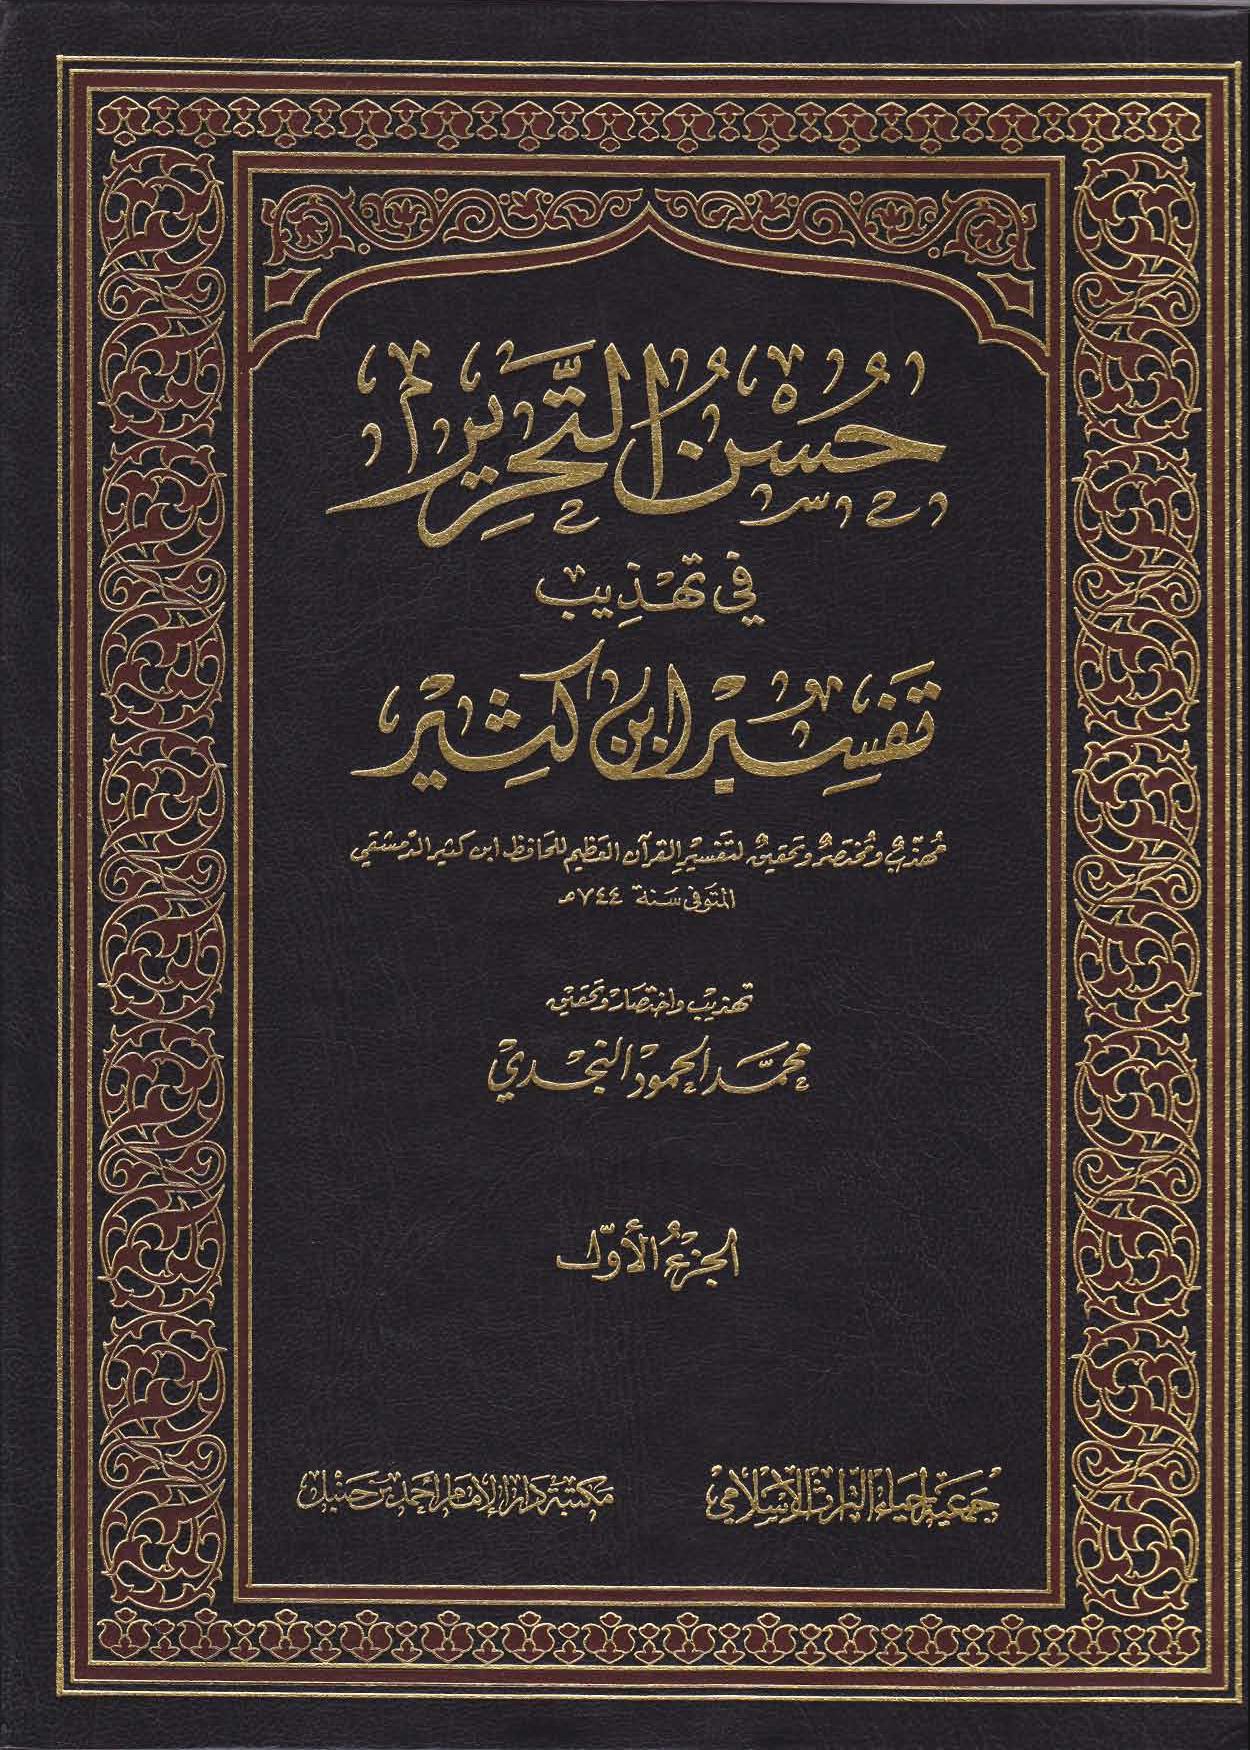 تحميل كتاب حسن التحرير في تهذيب تفسير ابن كثير لـِ: الدكتور محمد بن حمد الحمود النجدي